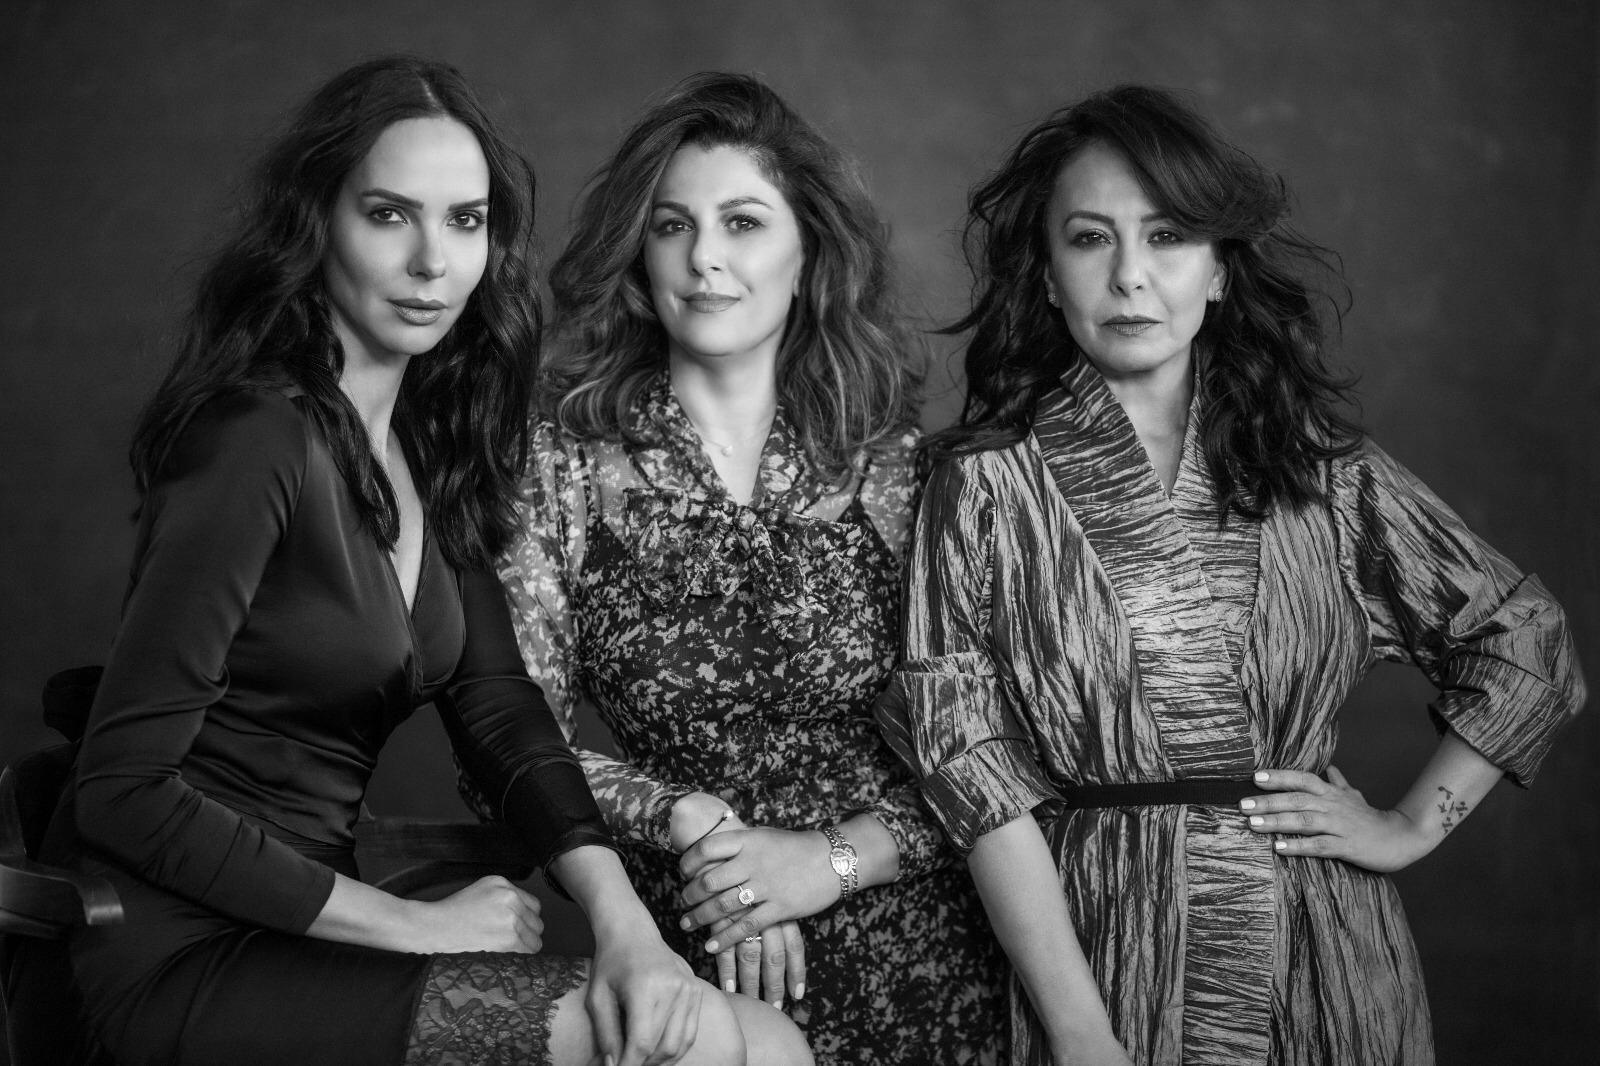 מימין: אוולין הגואל, הלגה רקאנטי ורווית אסף, הקוסמטיקאית ושתי הפרזנטוריות. צילום אלון שפרנסקי